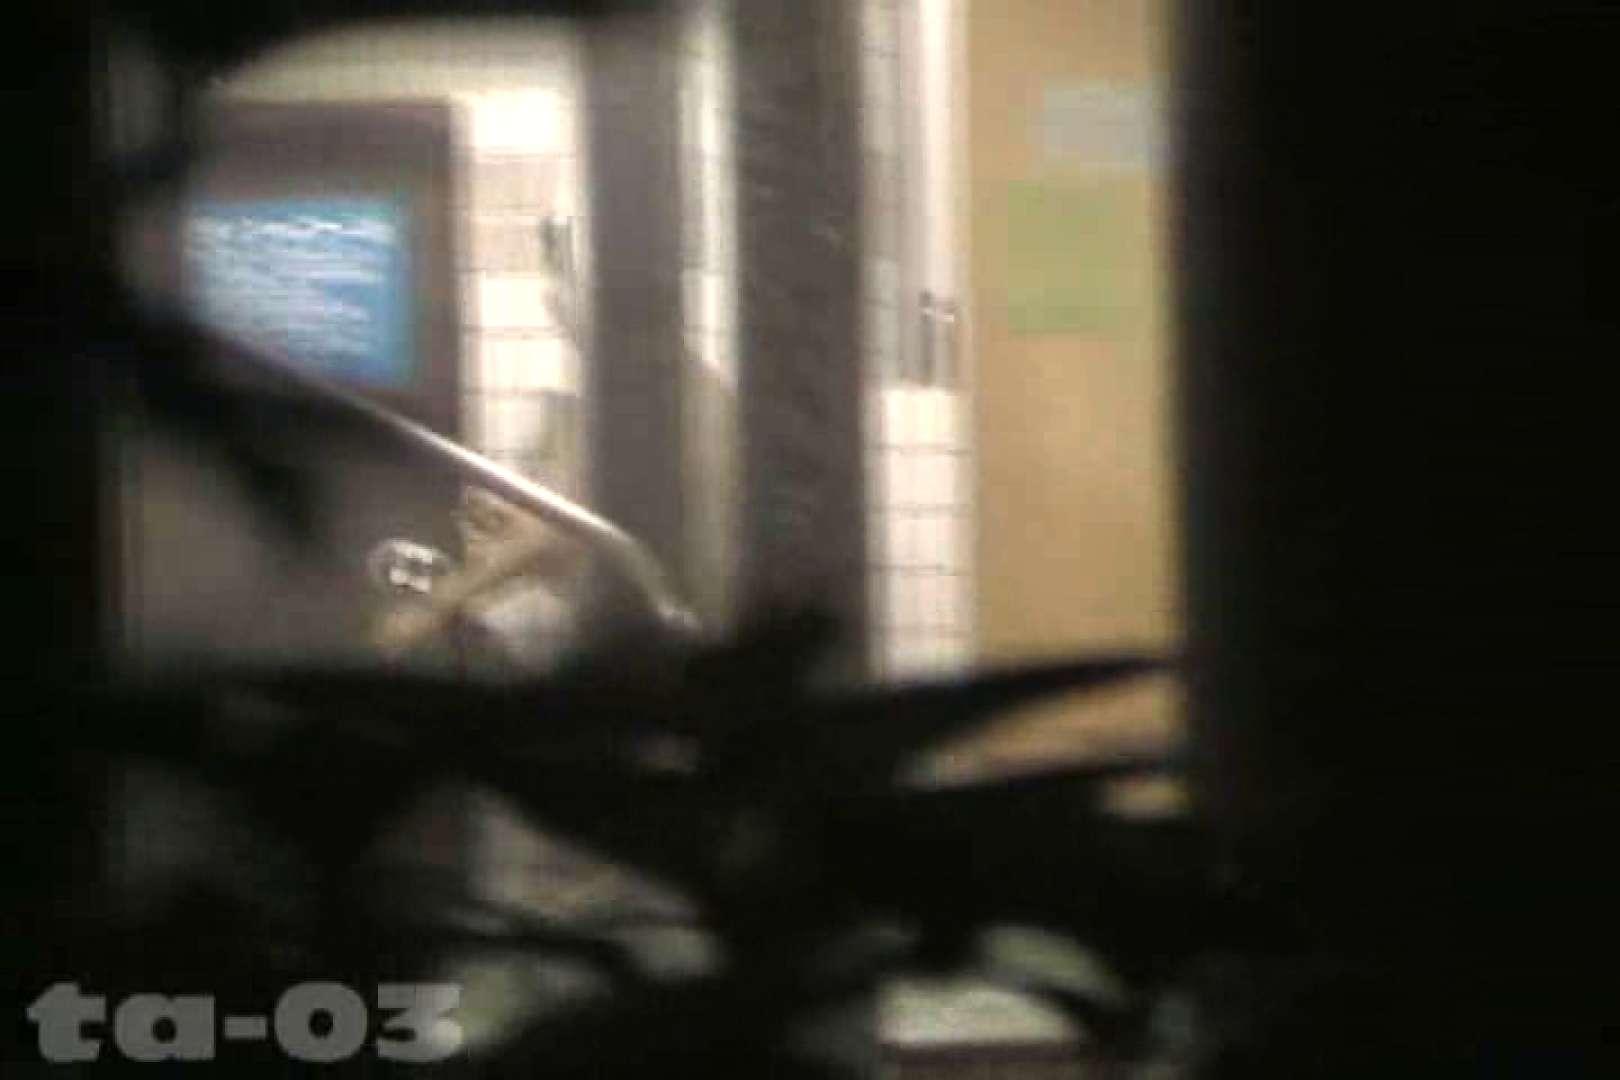 合宿ホテル女風呂盗撮高画質版 Vol.03 盗撮 セックス無修正動画無料 71pic 21